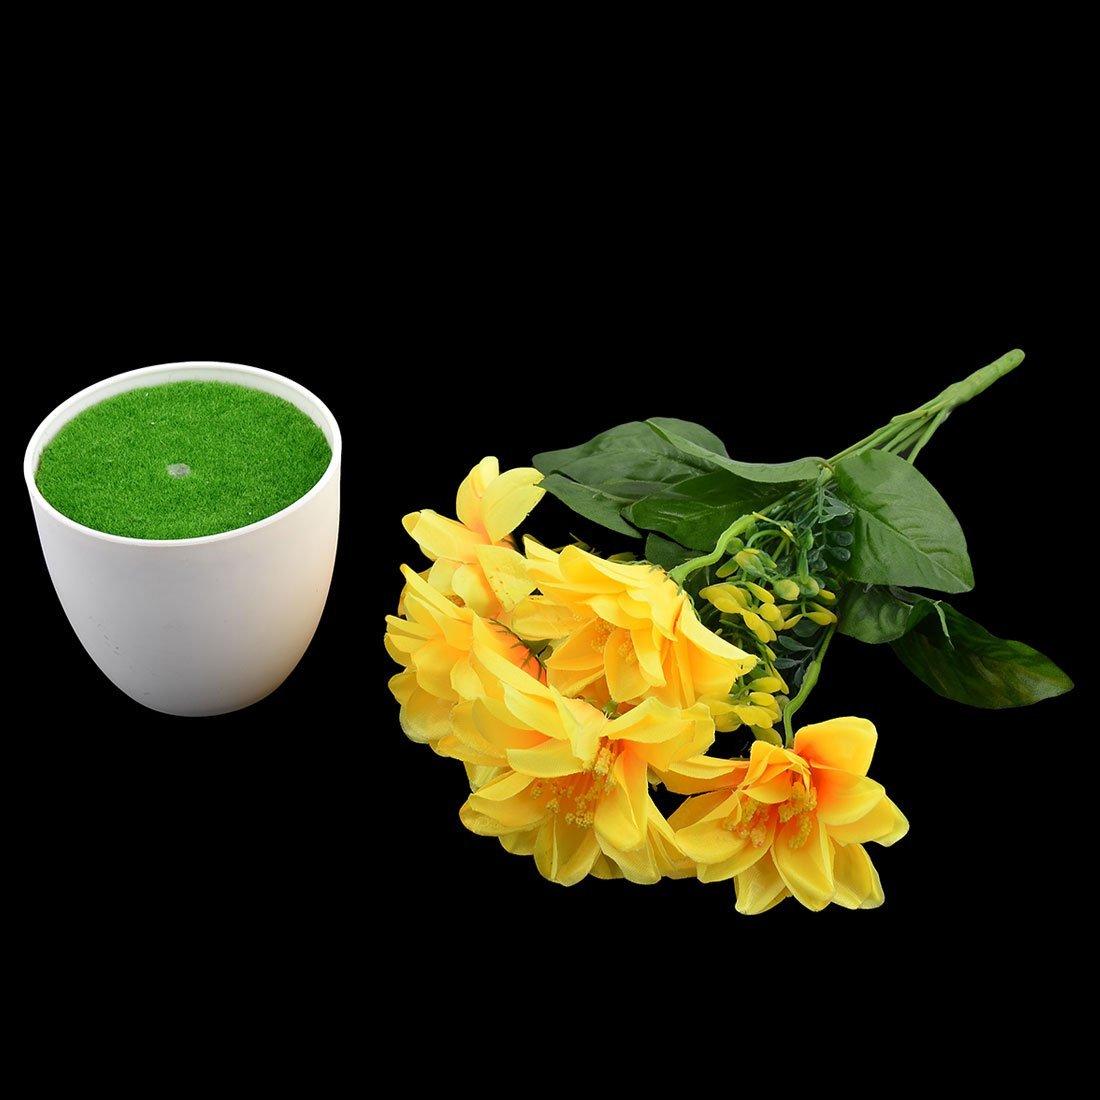 Amazon.com: eDealMax Oficina plástico arte de DIY del ornamento de la simulación Artificial ramo de Flores amarillas: Home & Kitchen